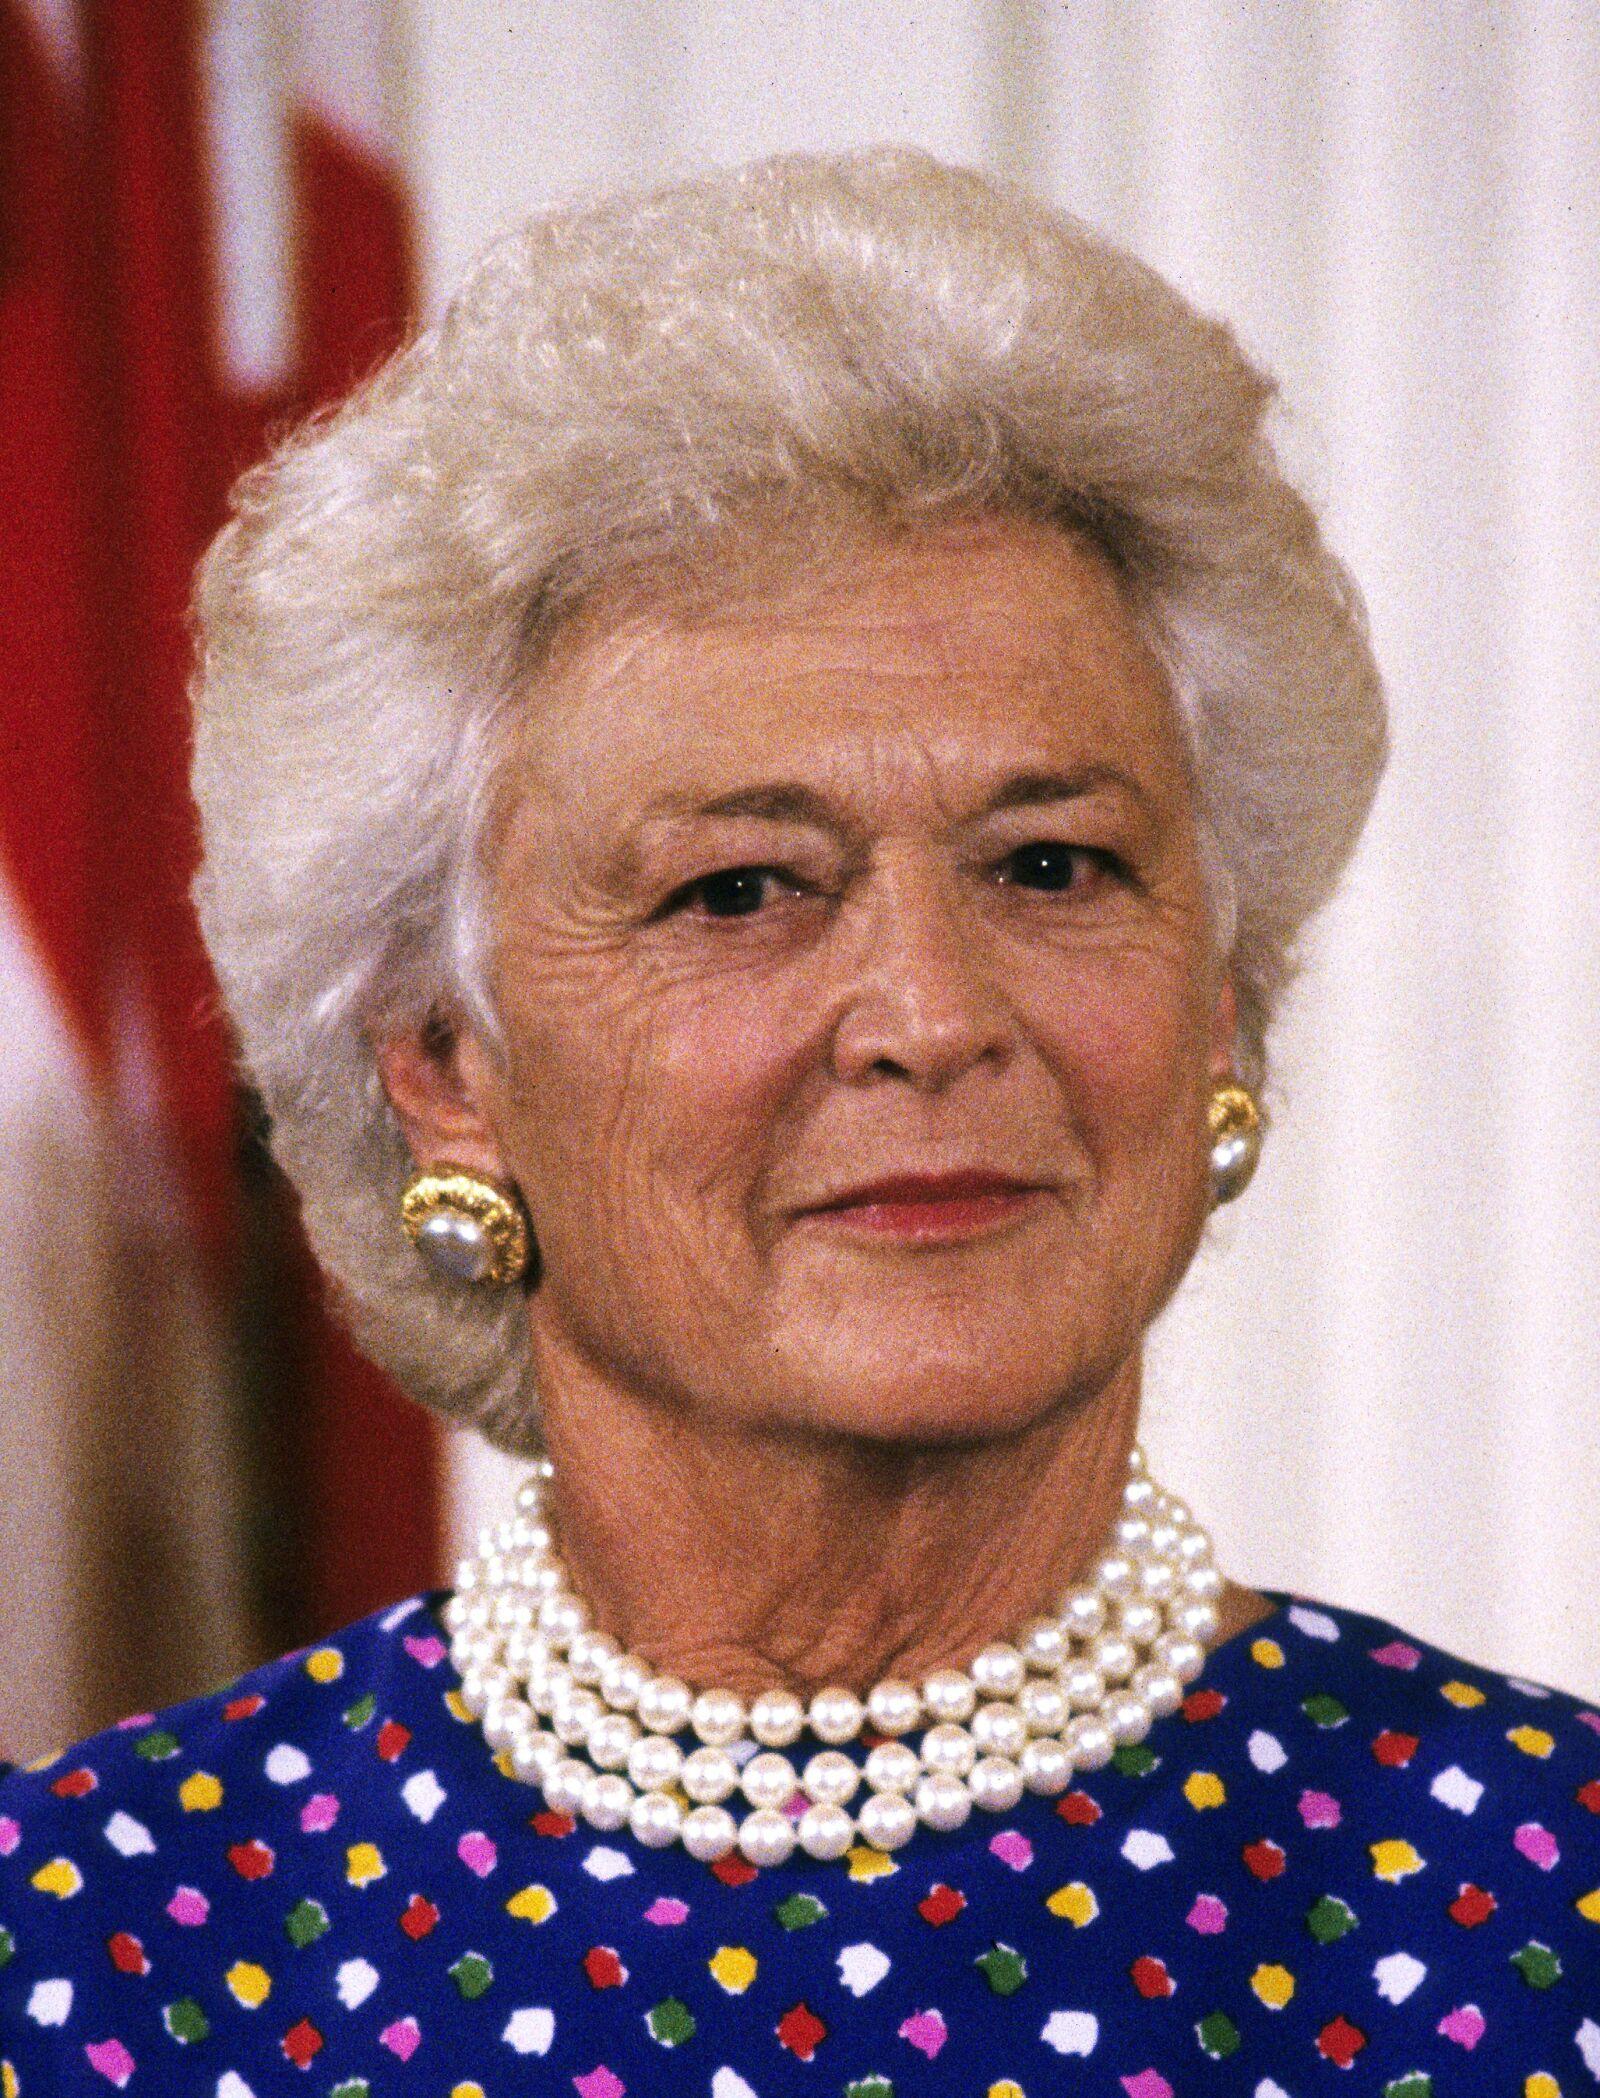 La madre del ex presidente George W. Bush murió a los 92 años, luego de padecer una enfermedad pulmonar obstructiva crónica.